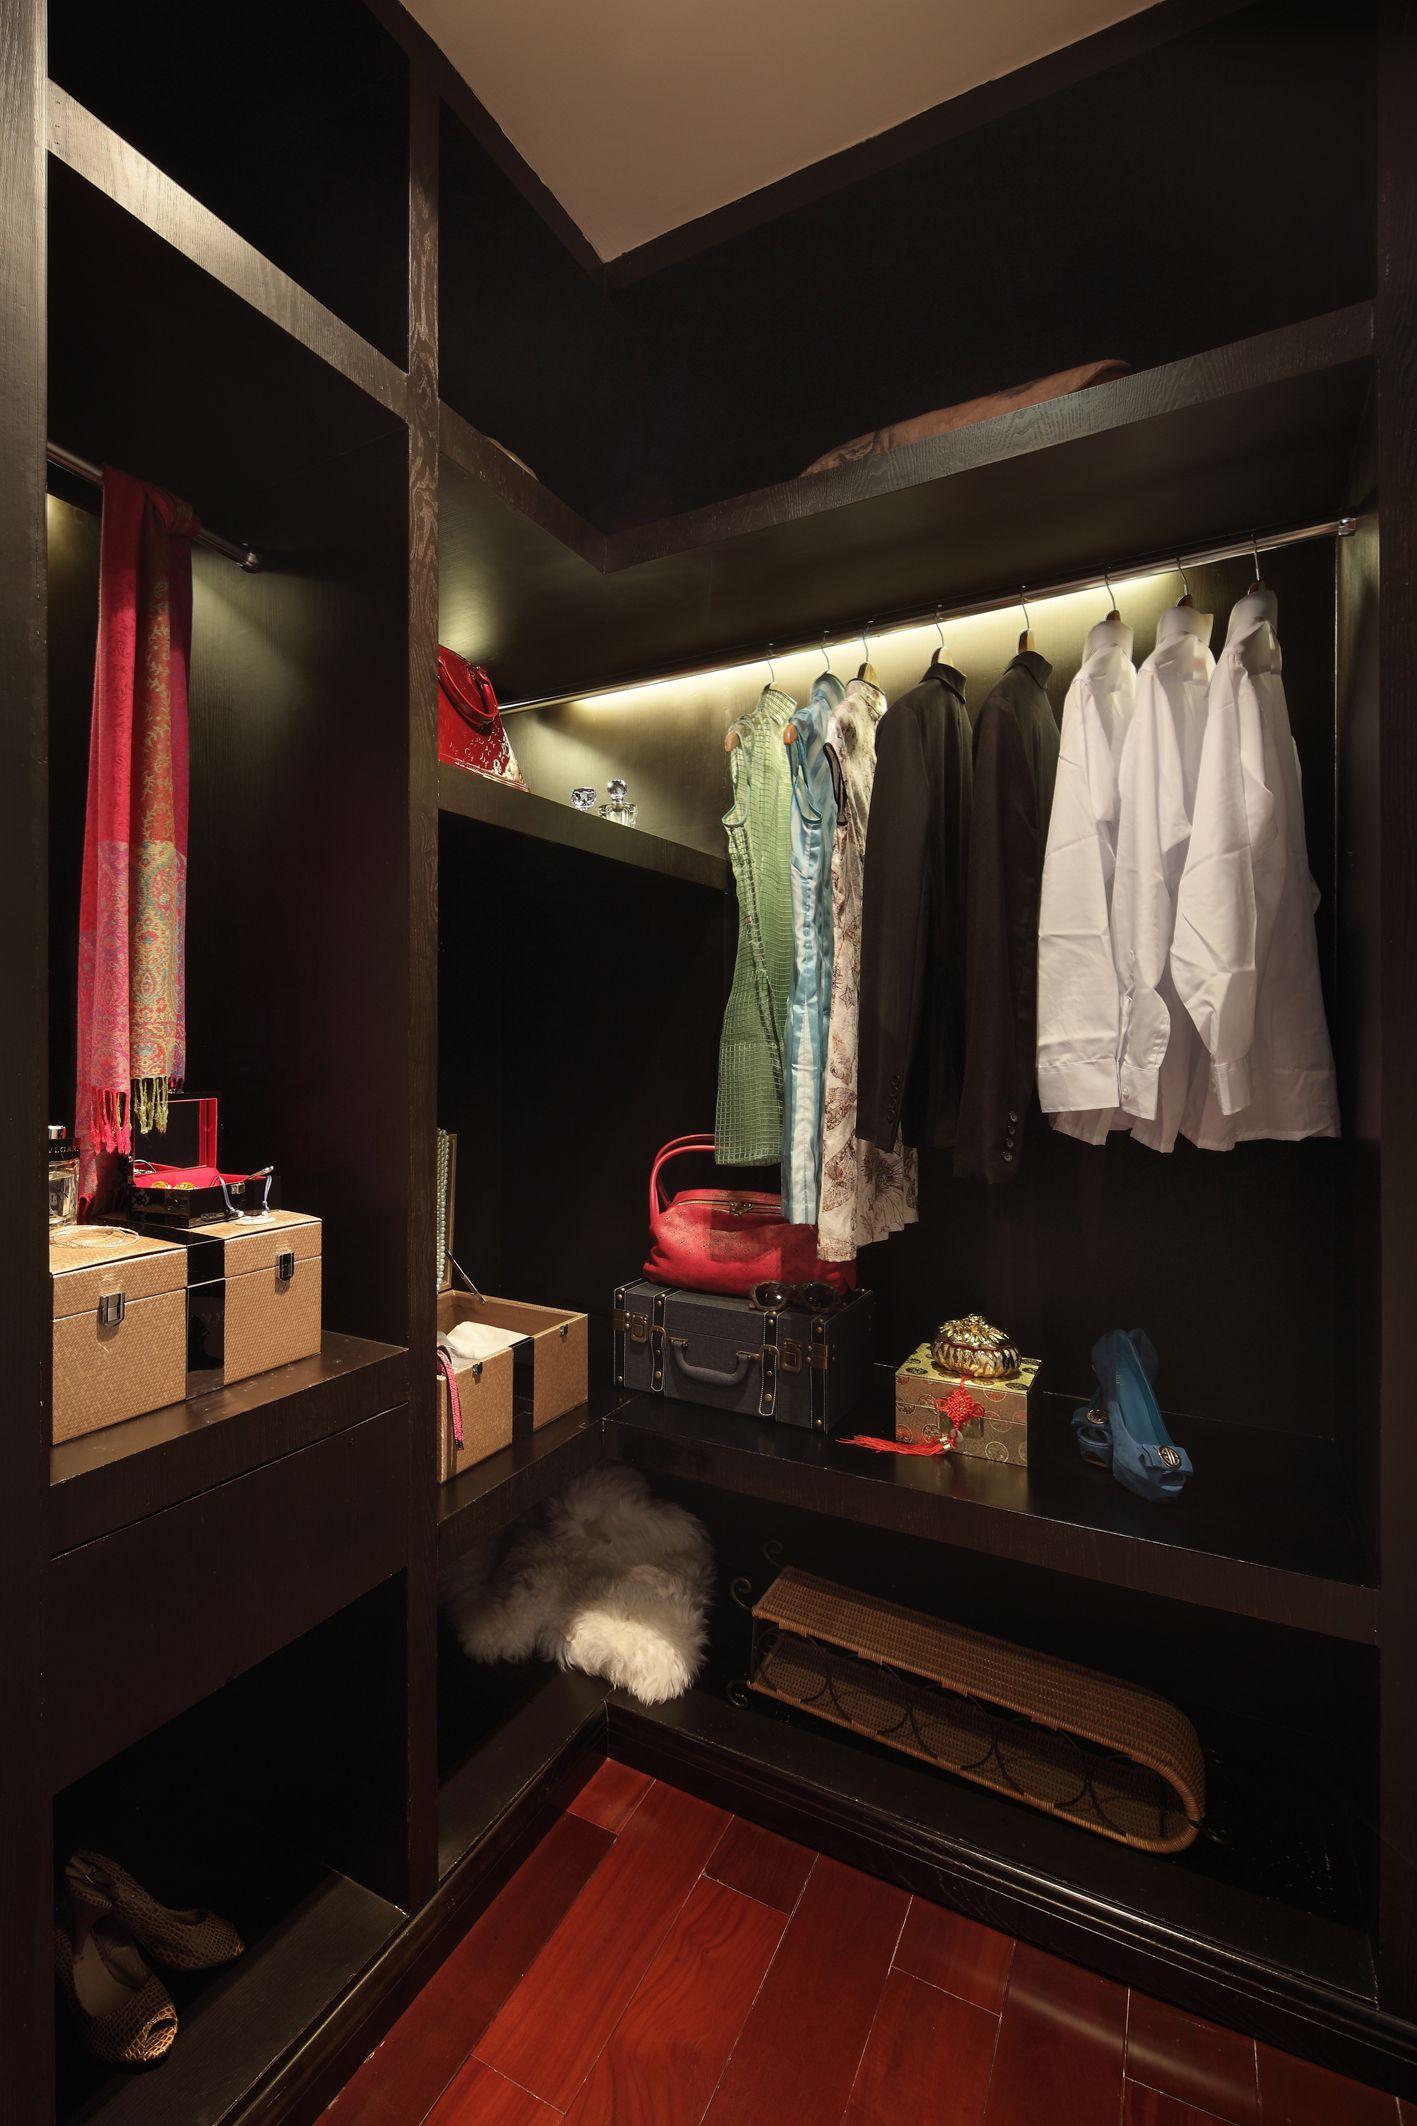 儿童房衣帽间专门放置孩子的衣物,当然,大人的衣服包包也可以收纳进来。